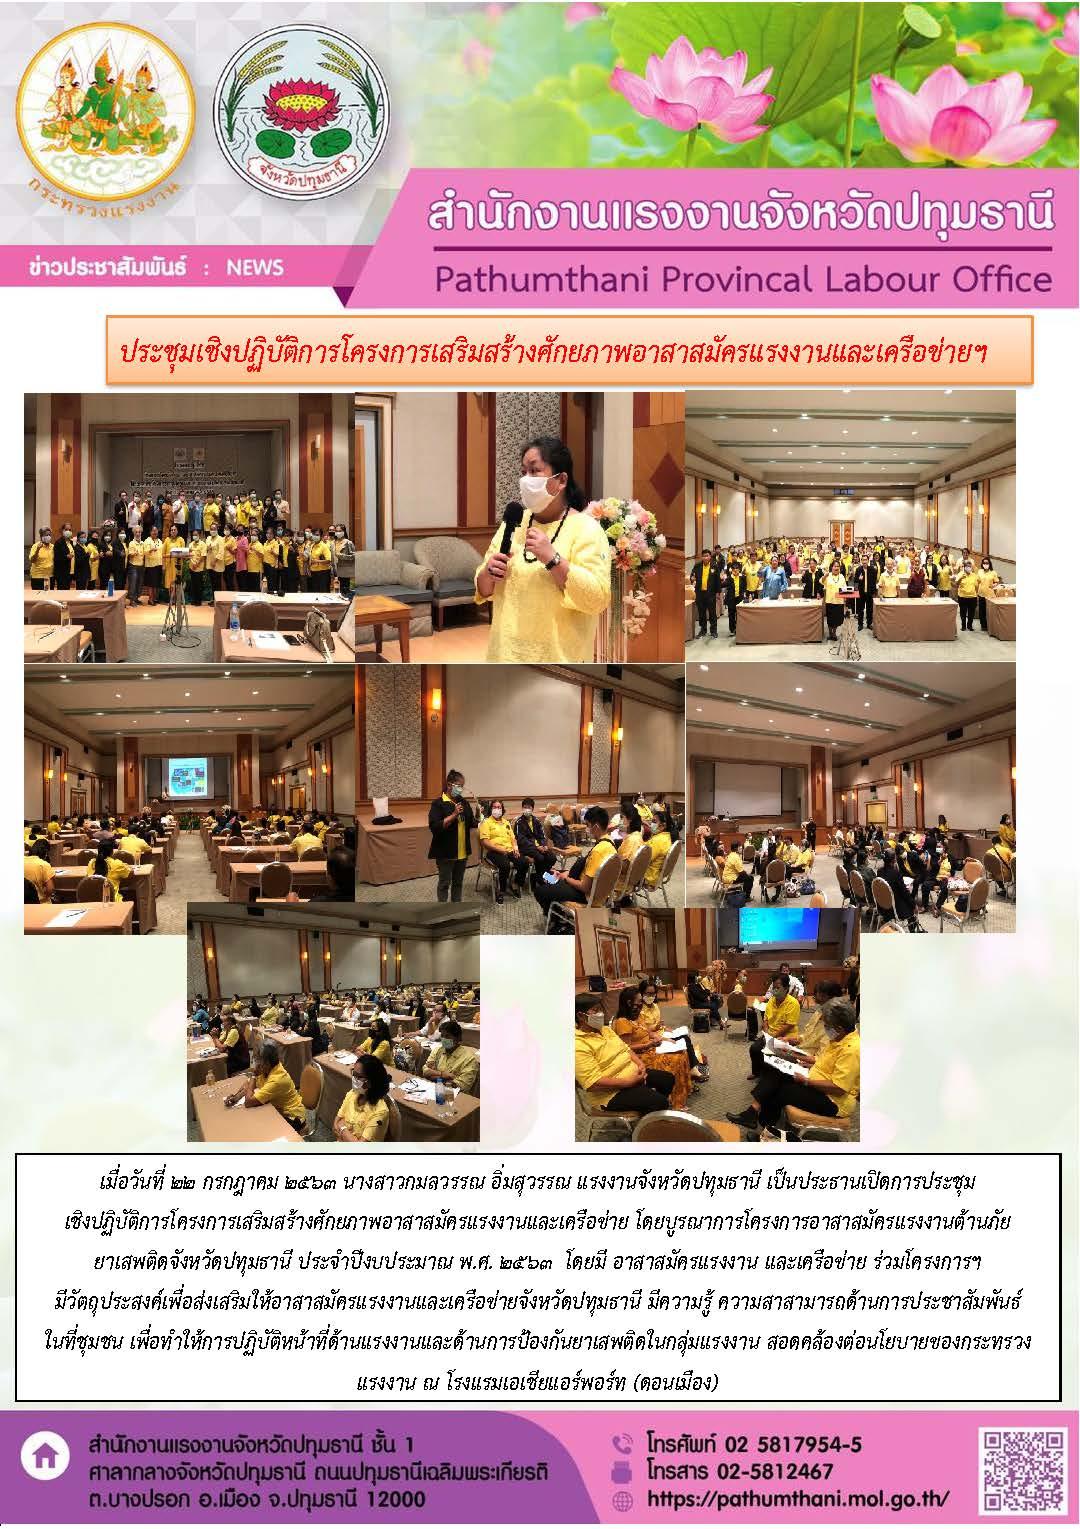 ประชุมเชิงปฏิบัติการโครงการเสริมสร้างศักยภาพอาสาสมัครแรงงานและเครือข่ายฯ